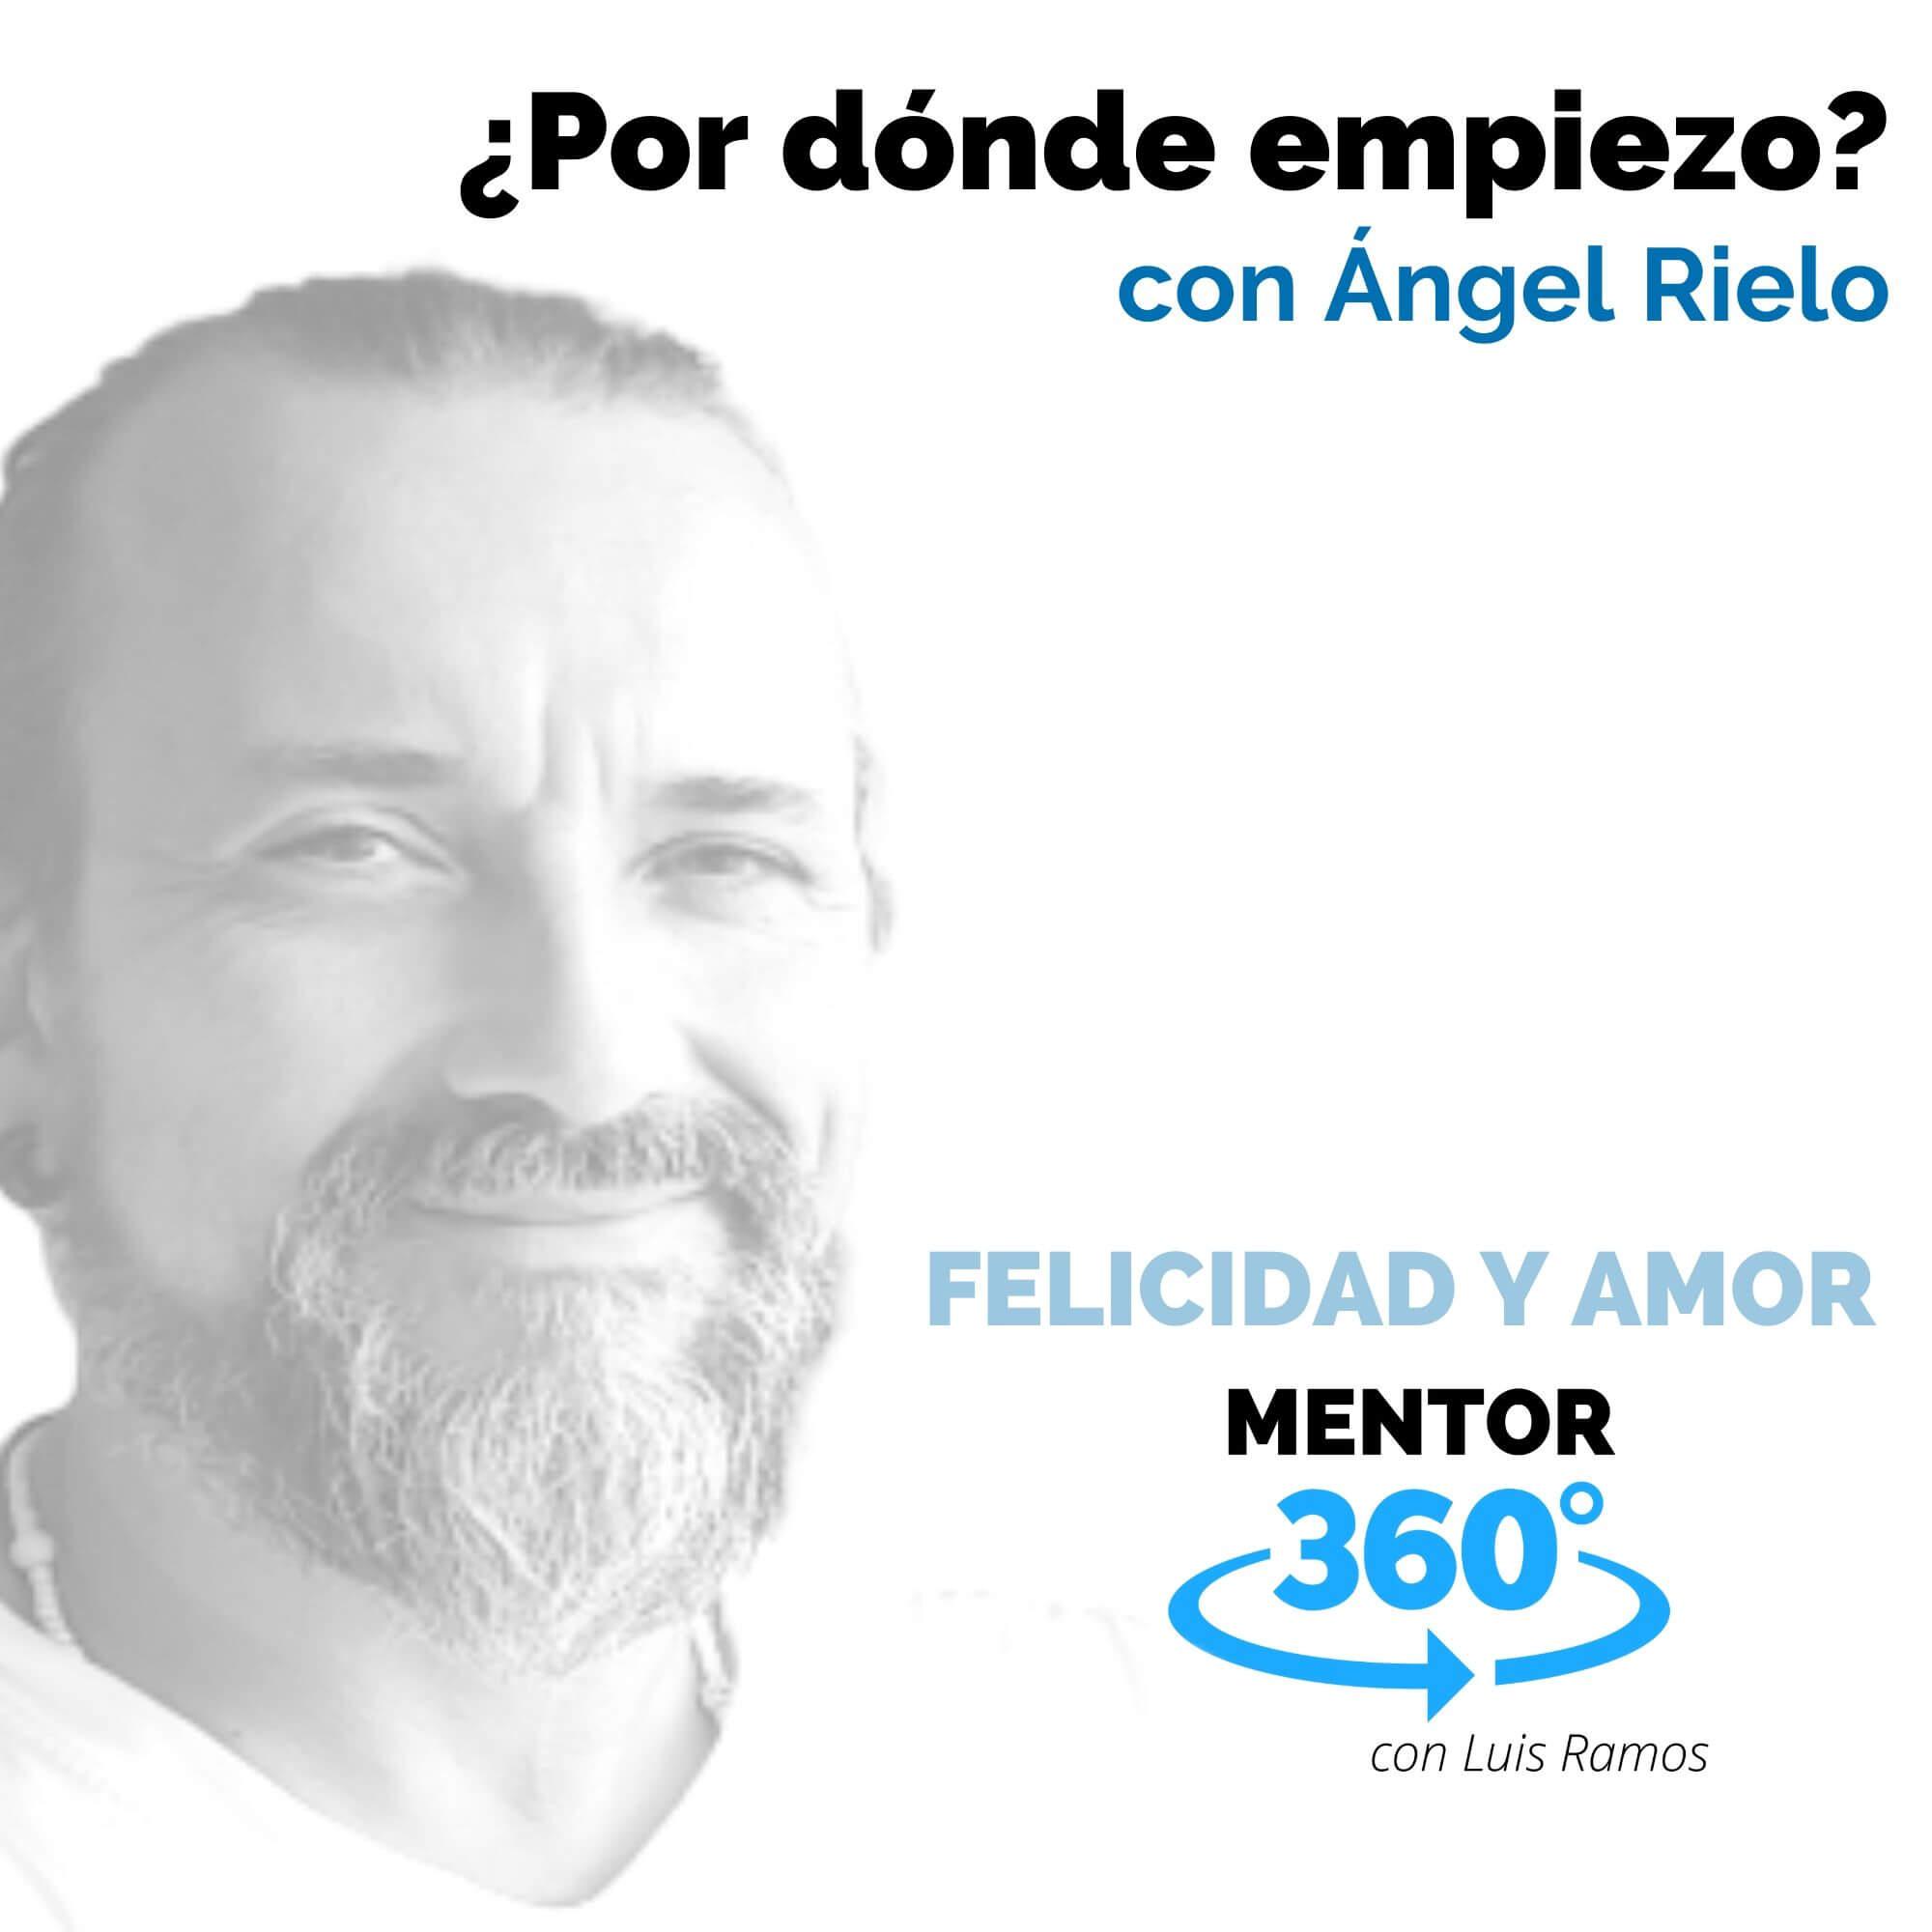 Por dónde empiezo, con Ángel Rielo - FELICIDAD Y AMOR